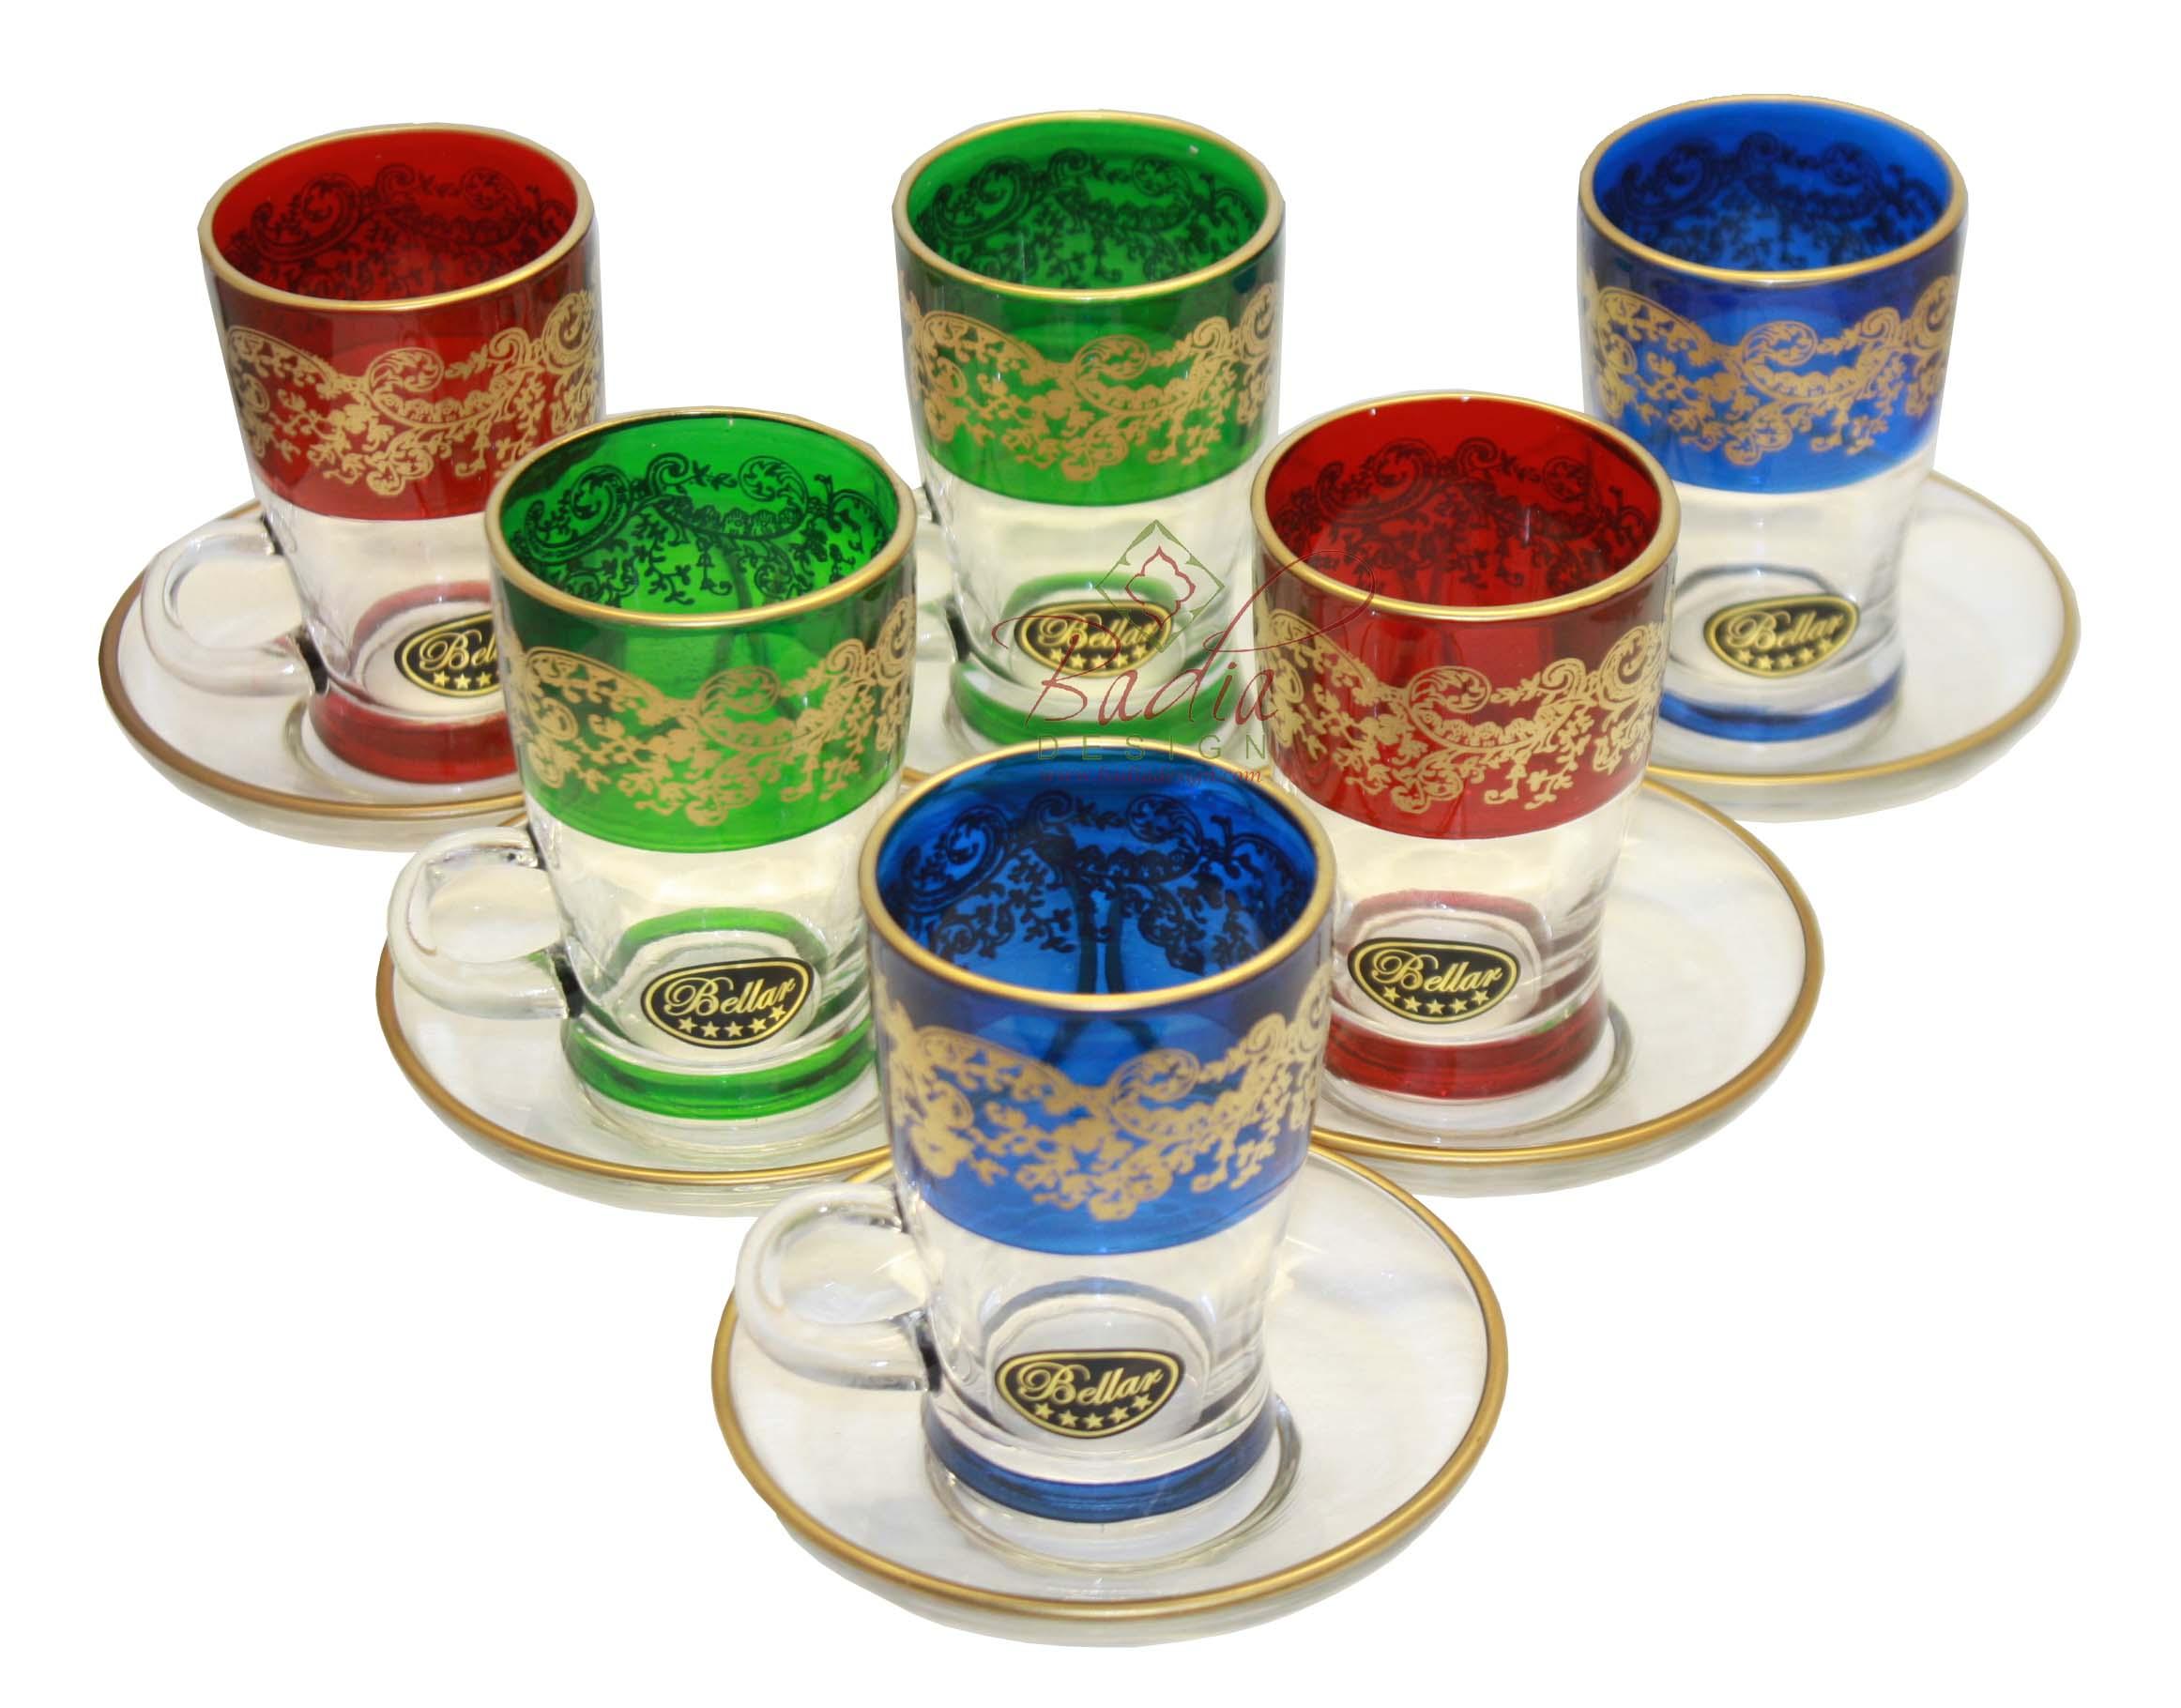 tea-cup-set-with-saucer-cg1002-26-1.jpg